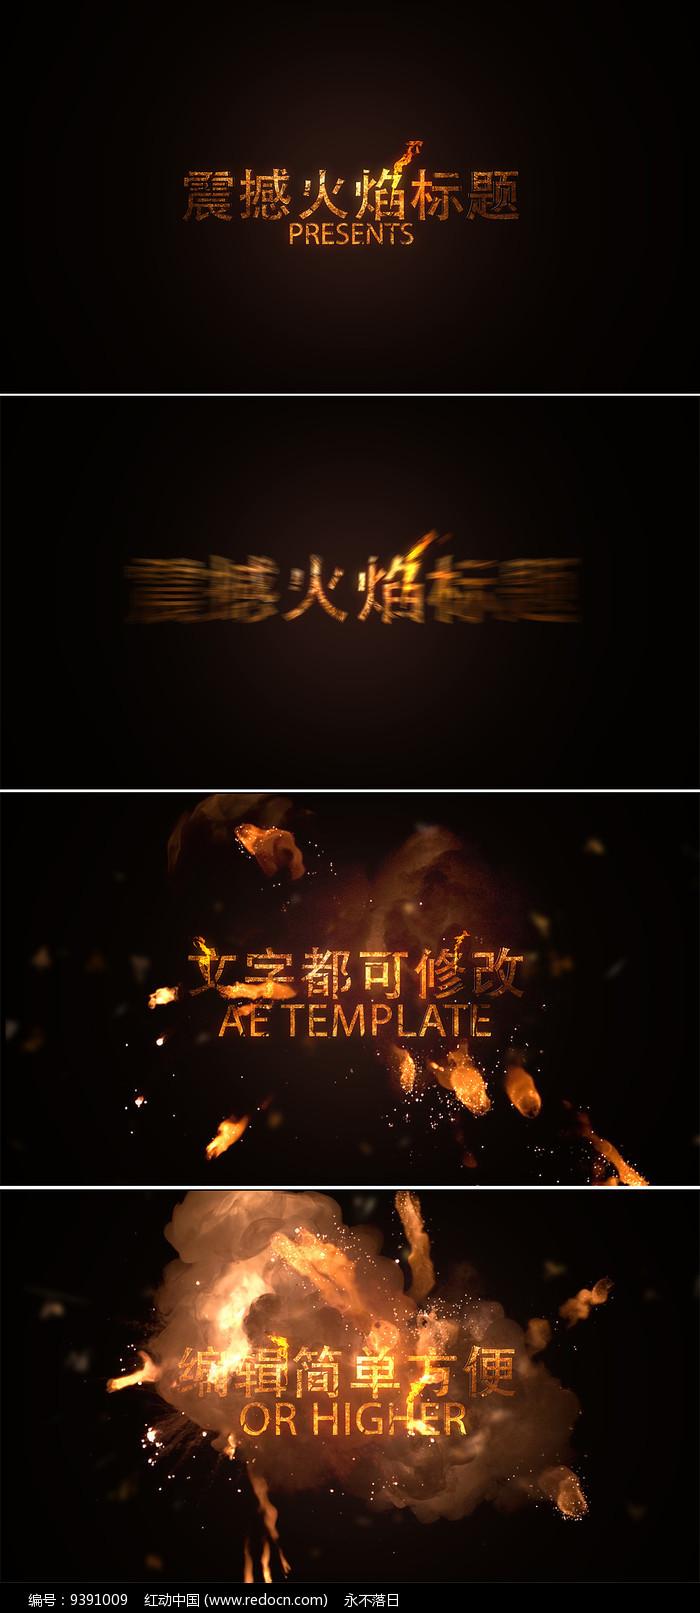 震撼火焰爆炸文字宣传片头模板图片